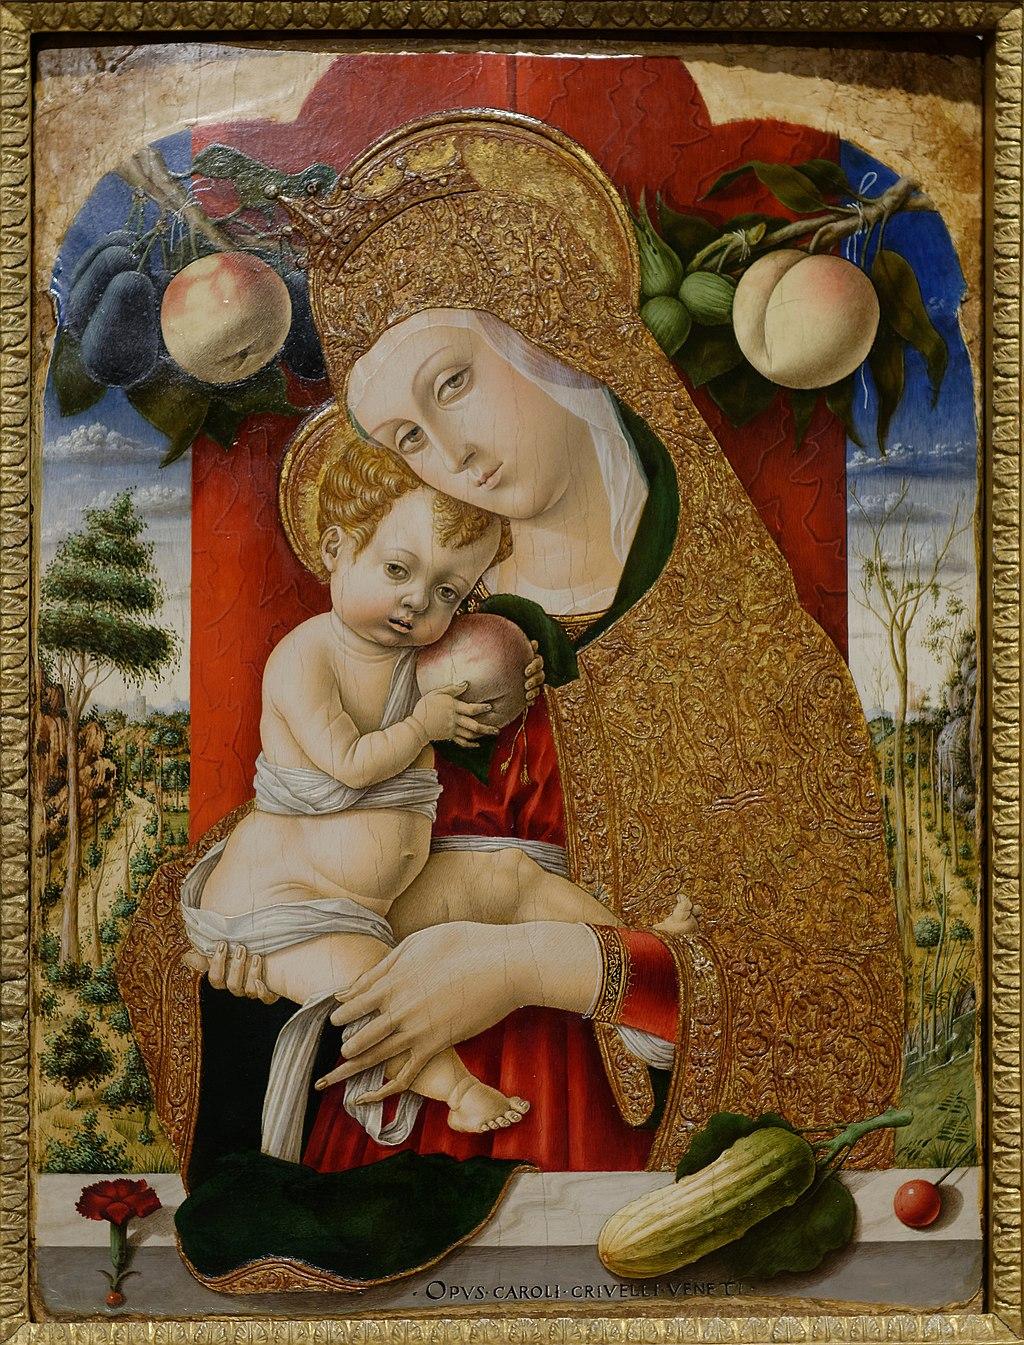 Carlo Crivelli, Madonna and Child, between circa 1480 and circa 1483. Мадонна с младенцем держит то ли яблоко, то ли персик; на подоконнике лежит огурец — символ Воскресения (лучше не спрашивать, почему), гвоздика и вишня — символы страданий Христовых.